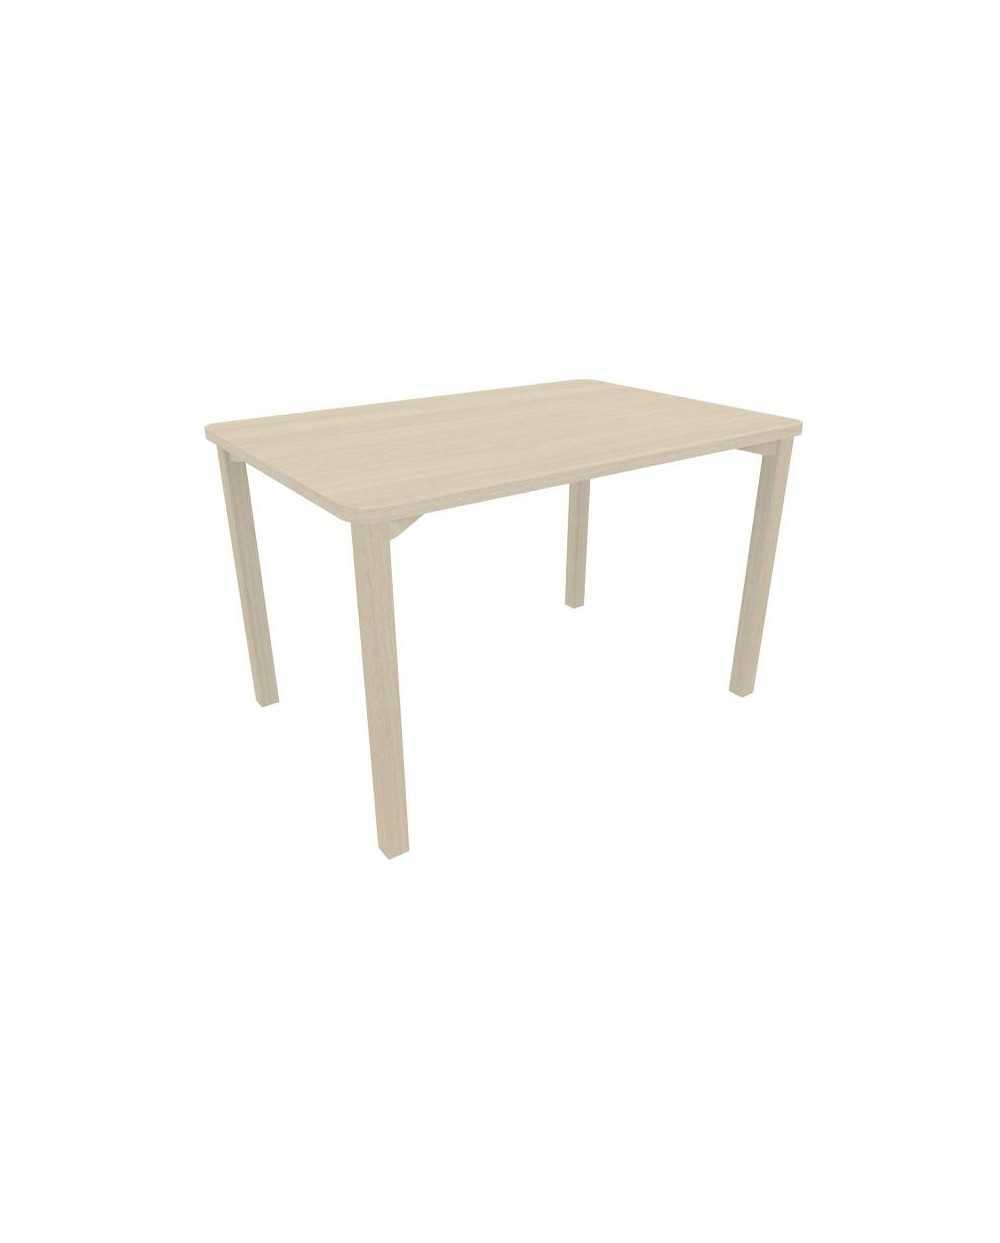 Table, avec coins arrondis, 80 x 140 x 75,5 cm (hauteur), chêne grisé